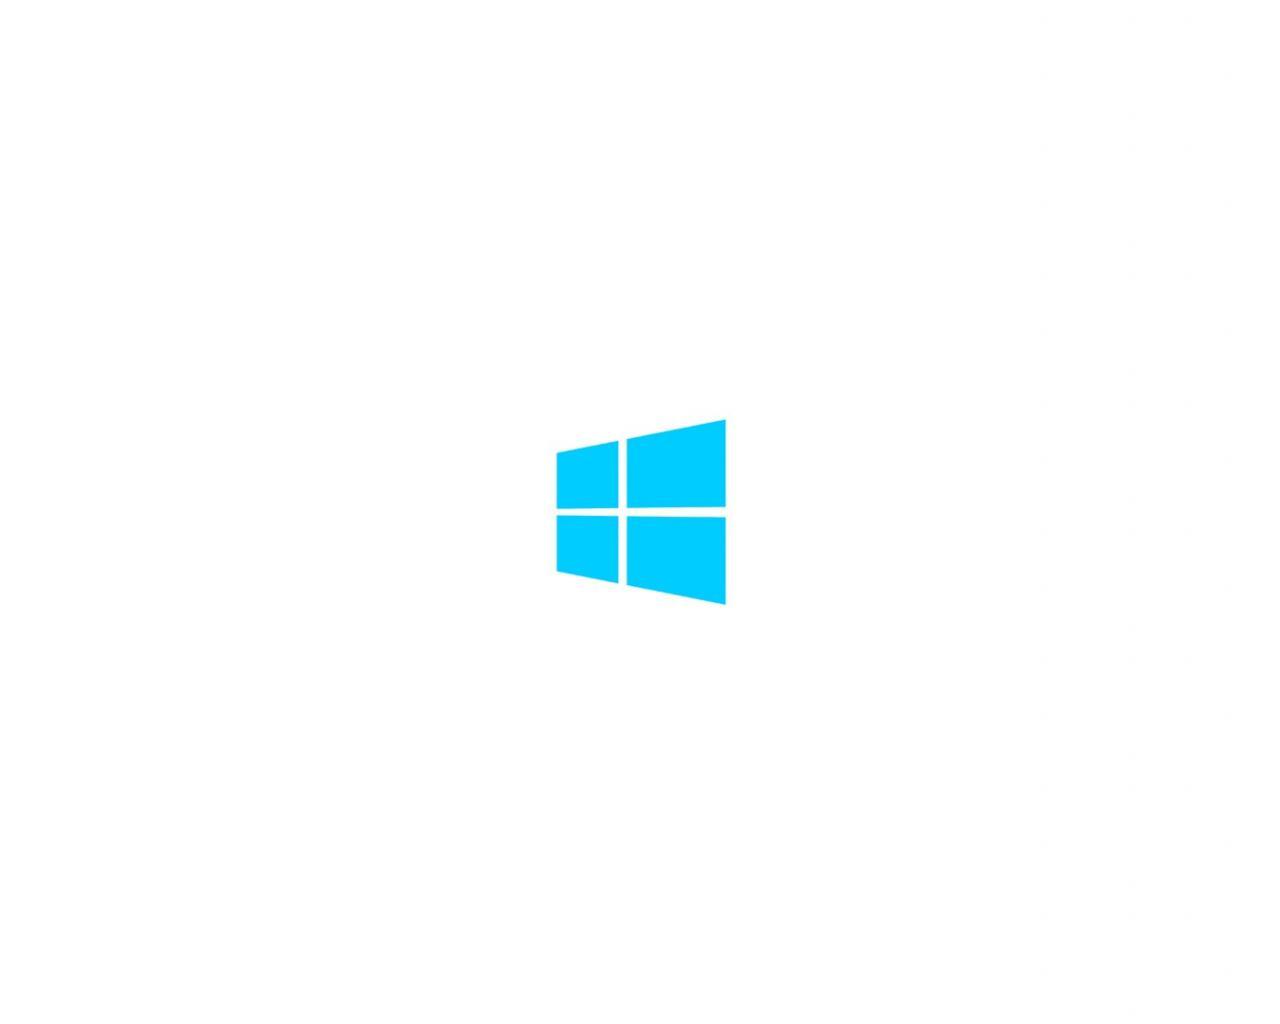 Minimalistic white metro windows 8 clean logo wallpaper 26574 1280x1024